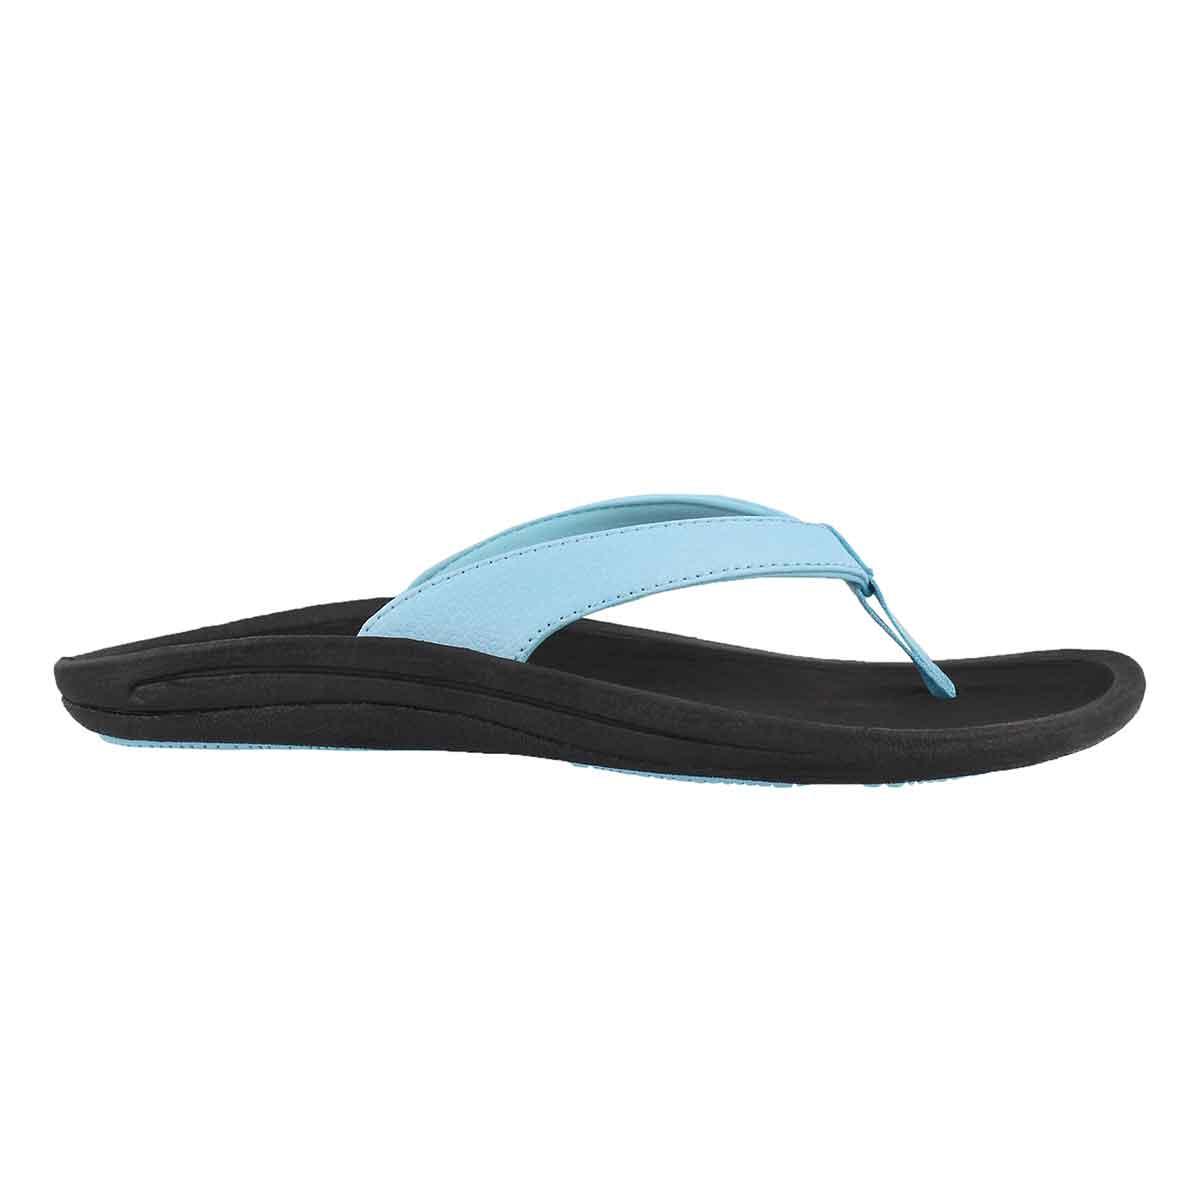 Lds Kulapa Kai cotton candy thong sandal